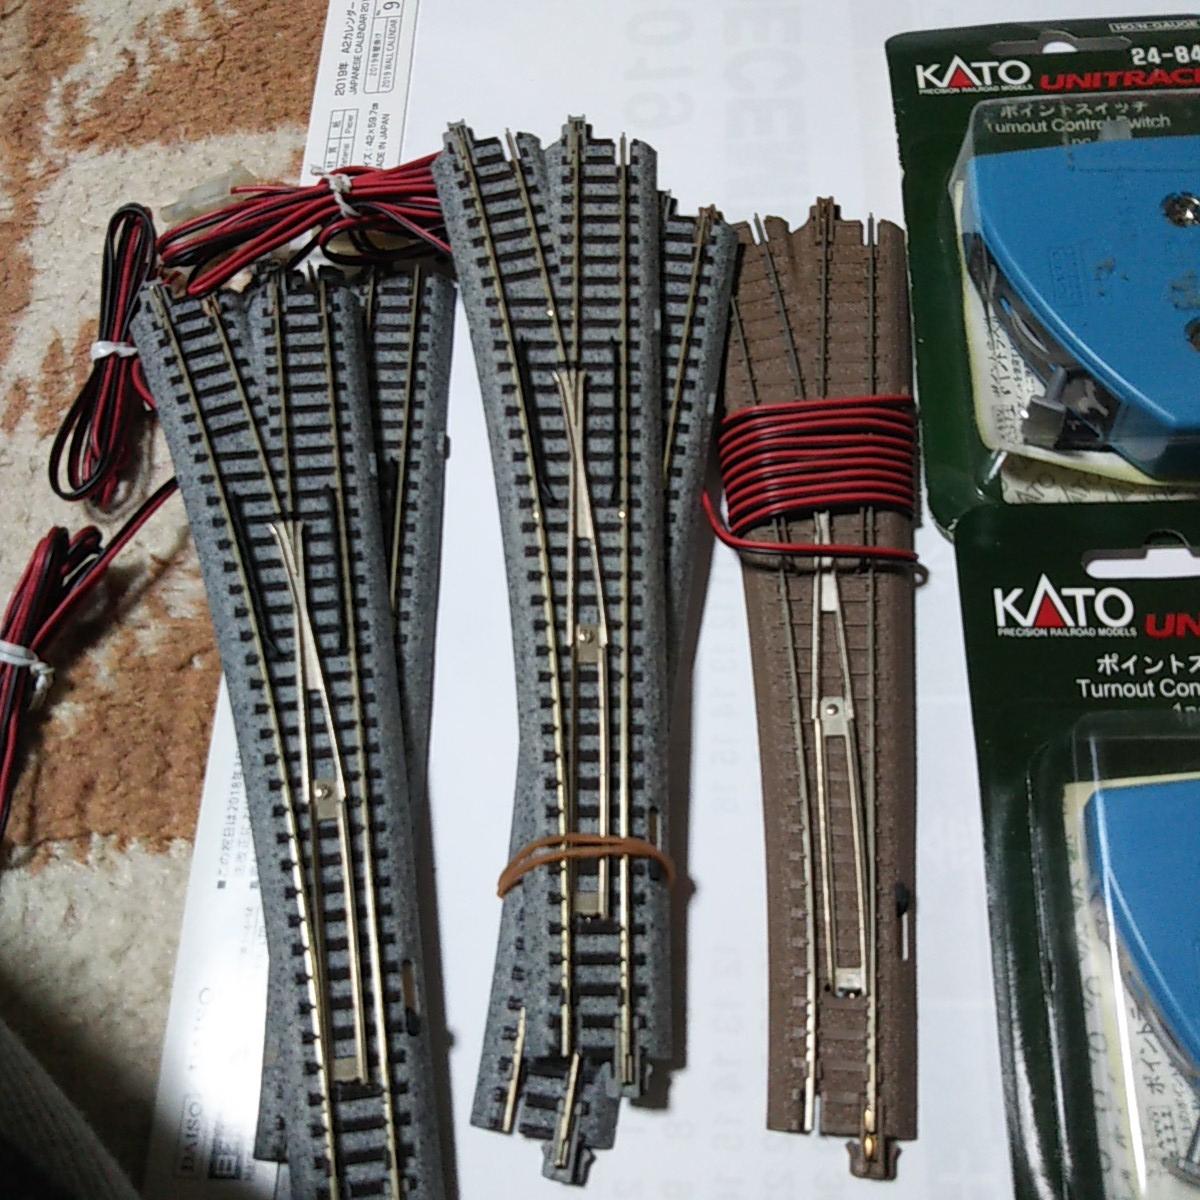 katoのポイント6番左とポイントスイッチセット_画像2